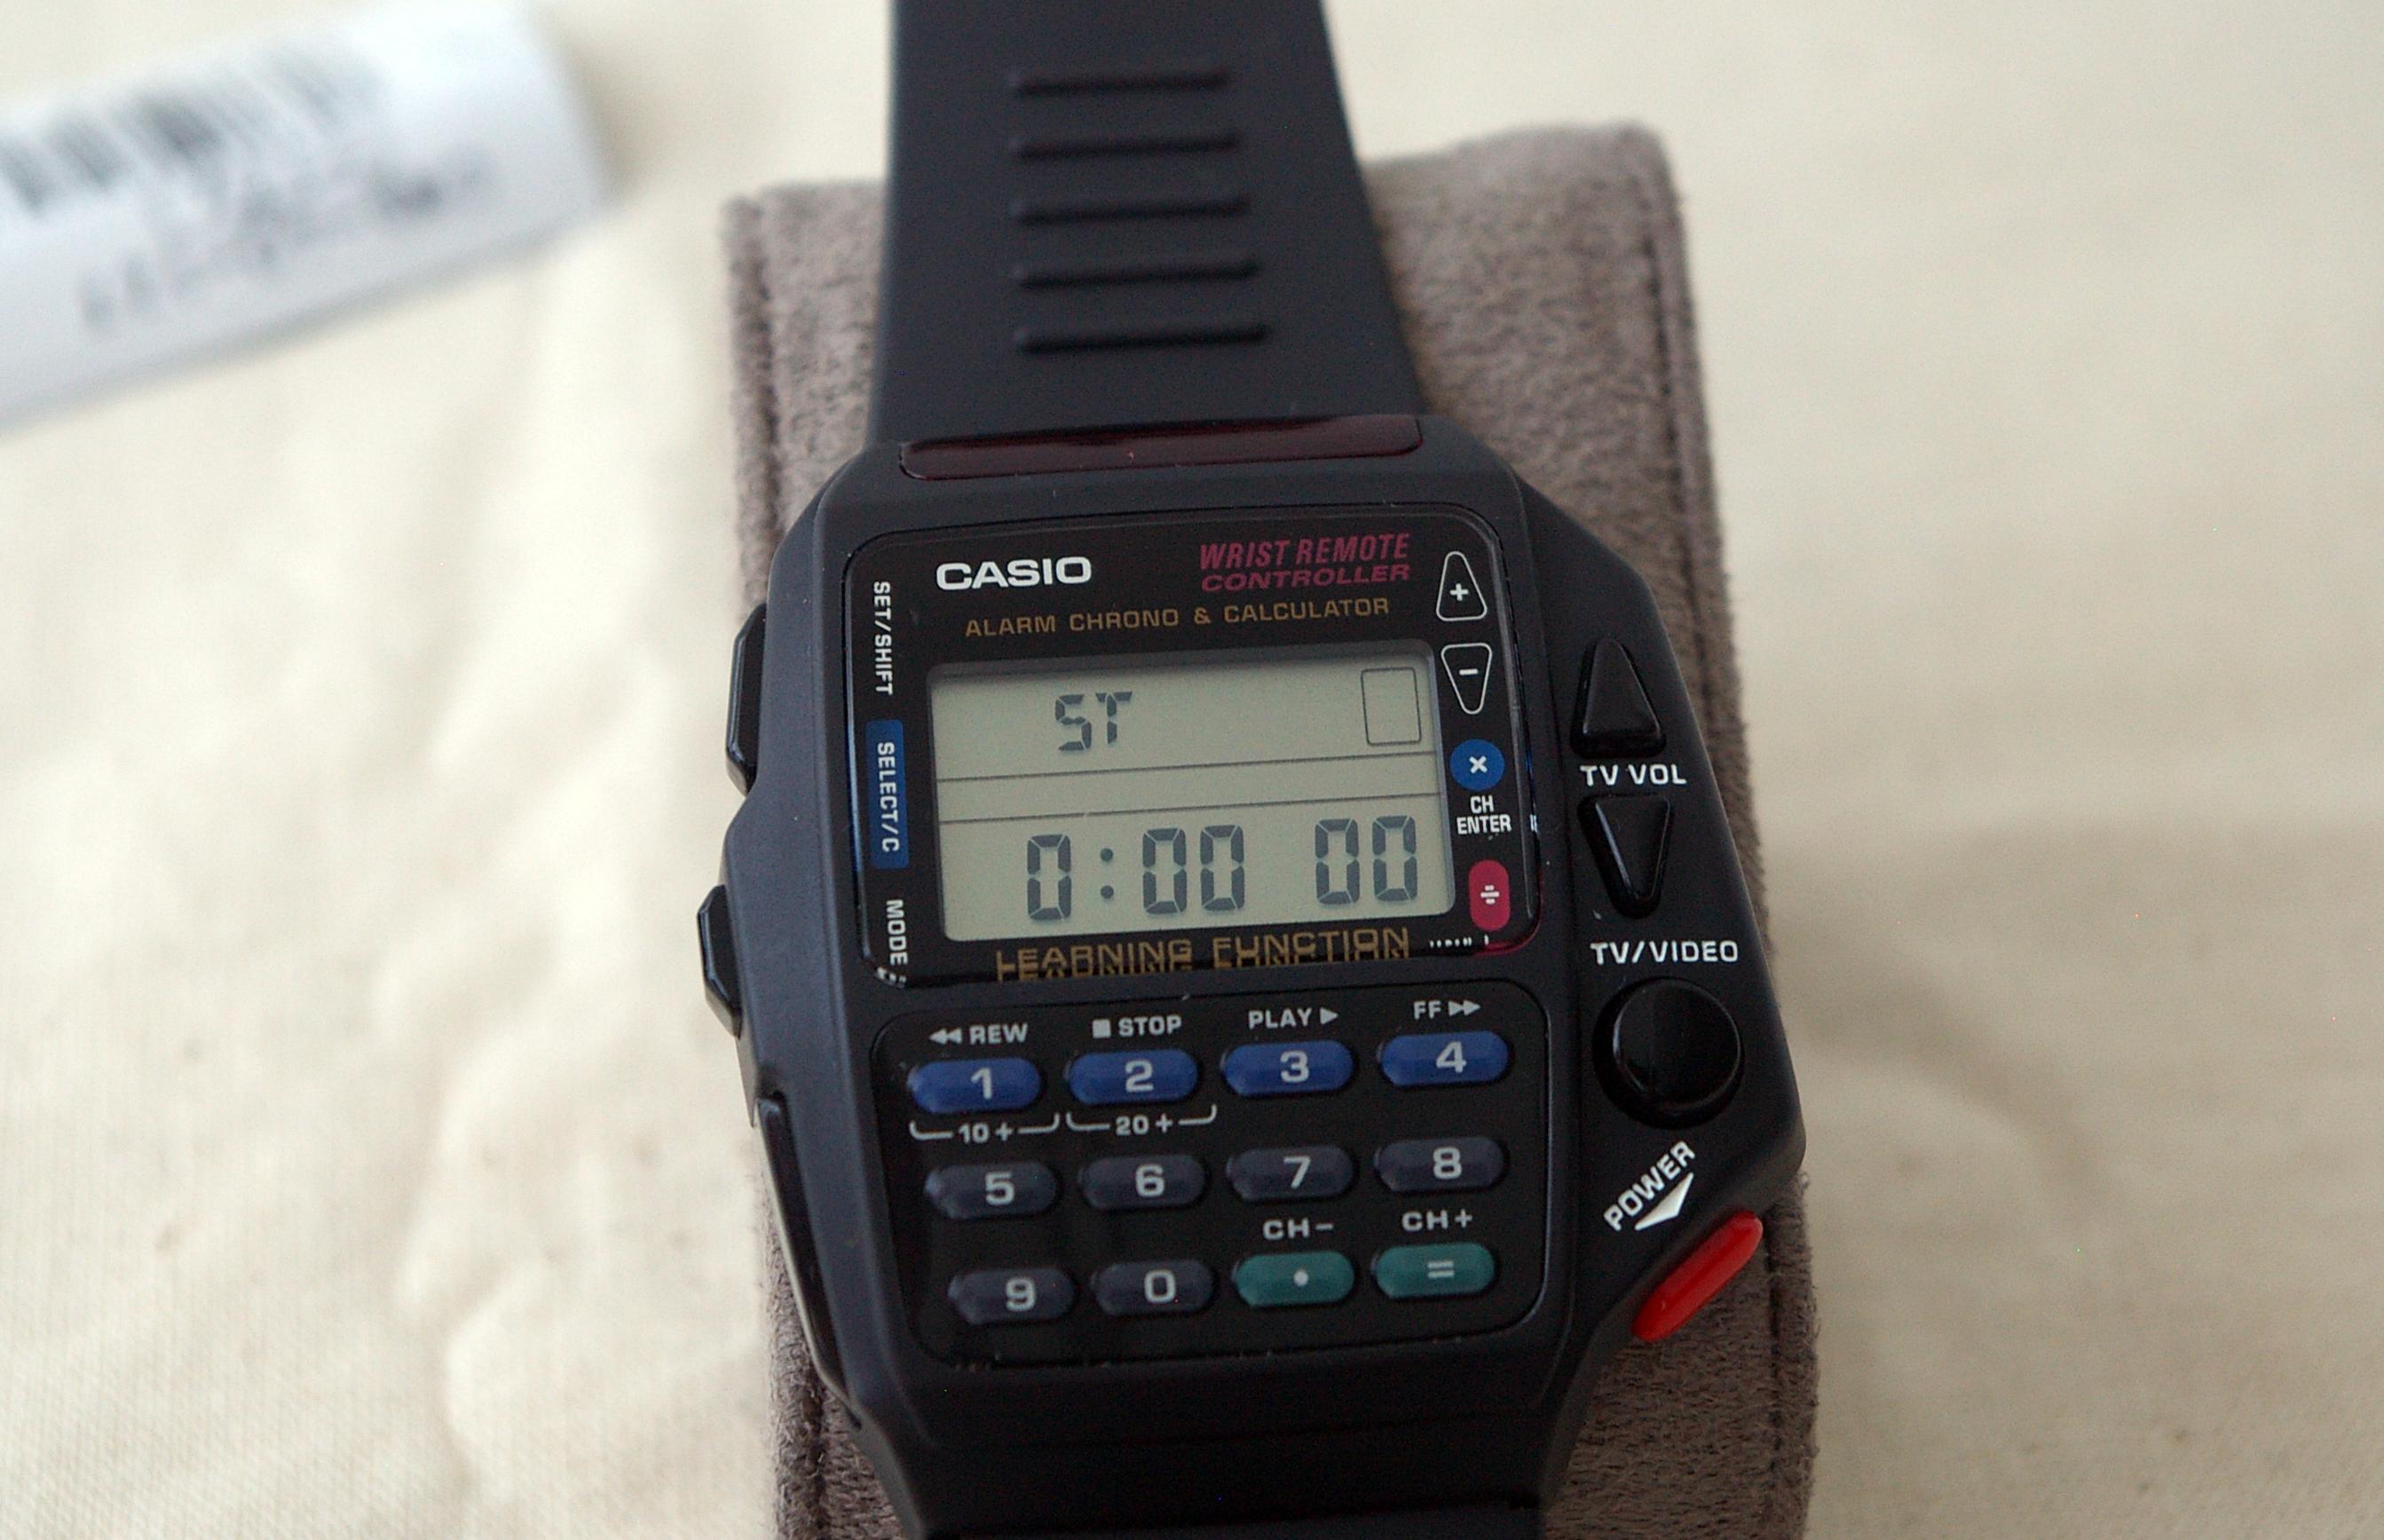 Reloj Casio Wrist Remote Controller Codigos